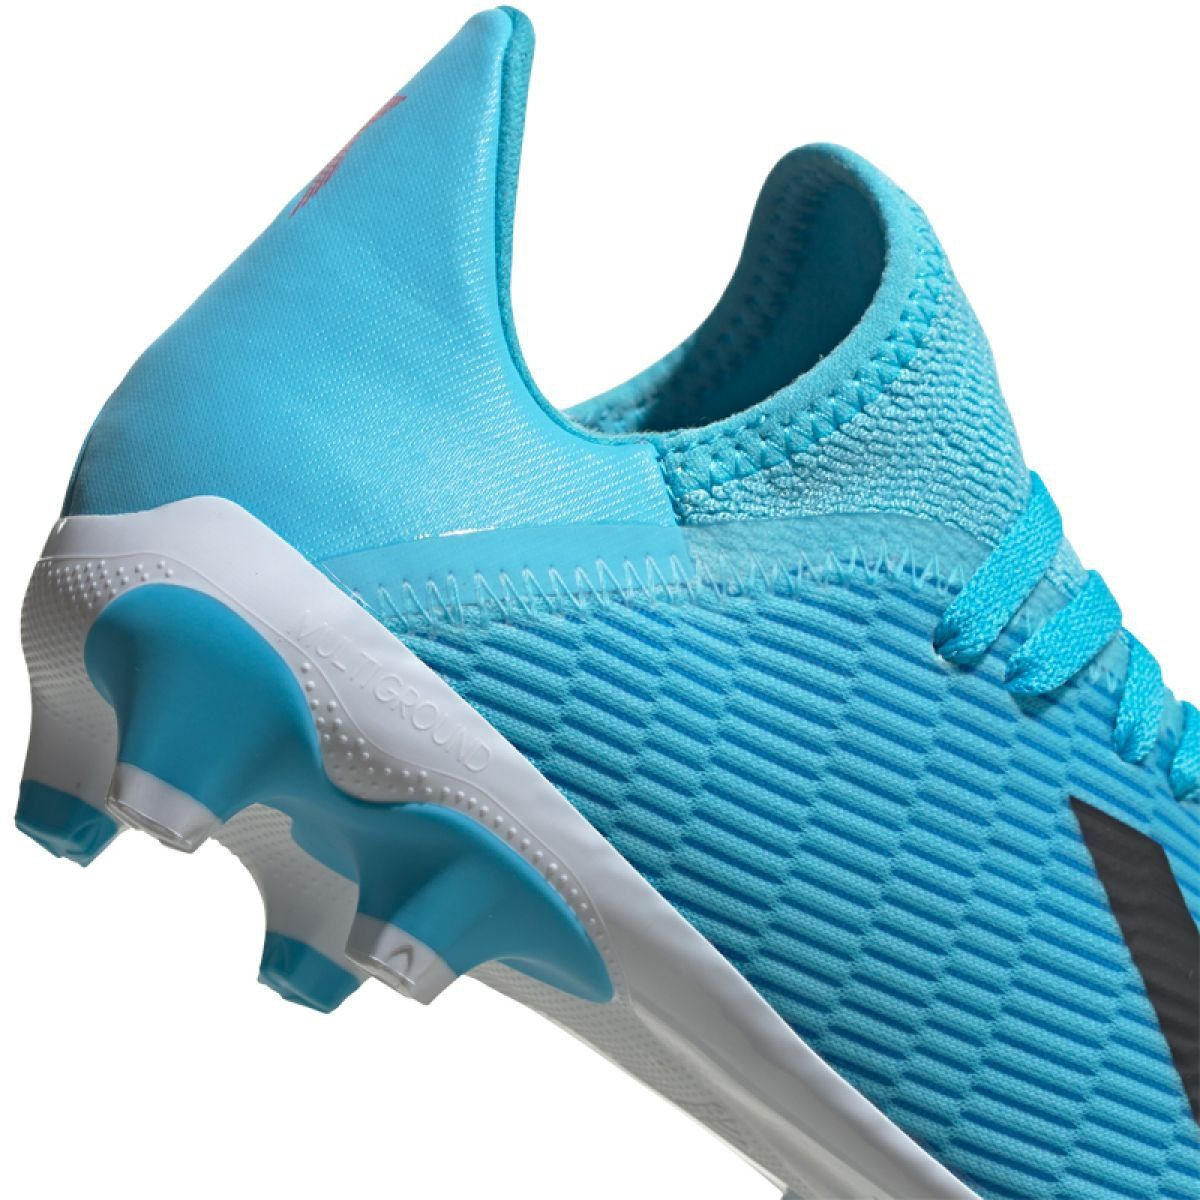 Buty Pilkarskie Adidas X 19 3 Mg Jr Ef7550 Niebieskie Niebieskie Football Shoes Junior Shoes Blue Shoes